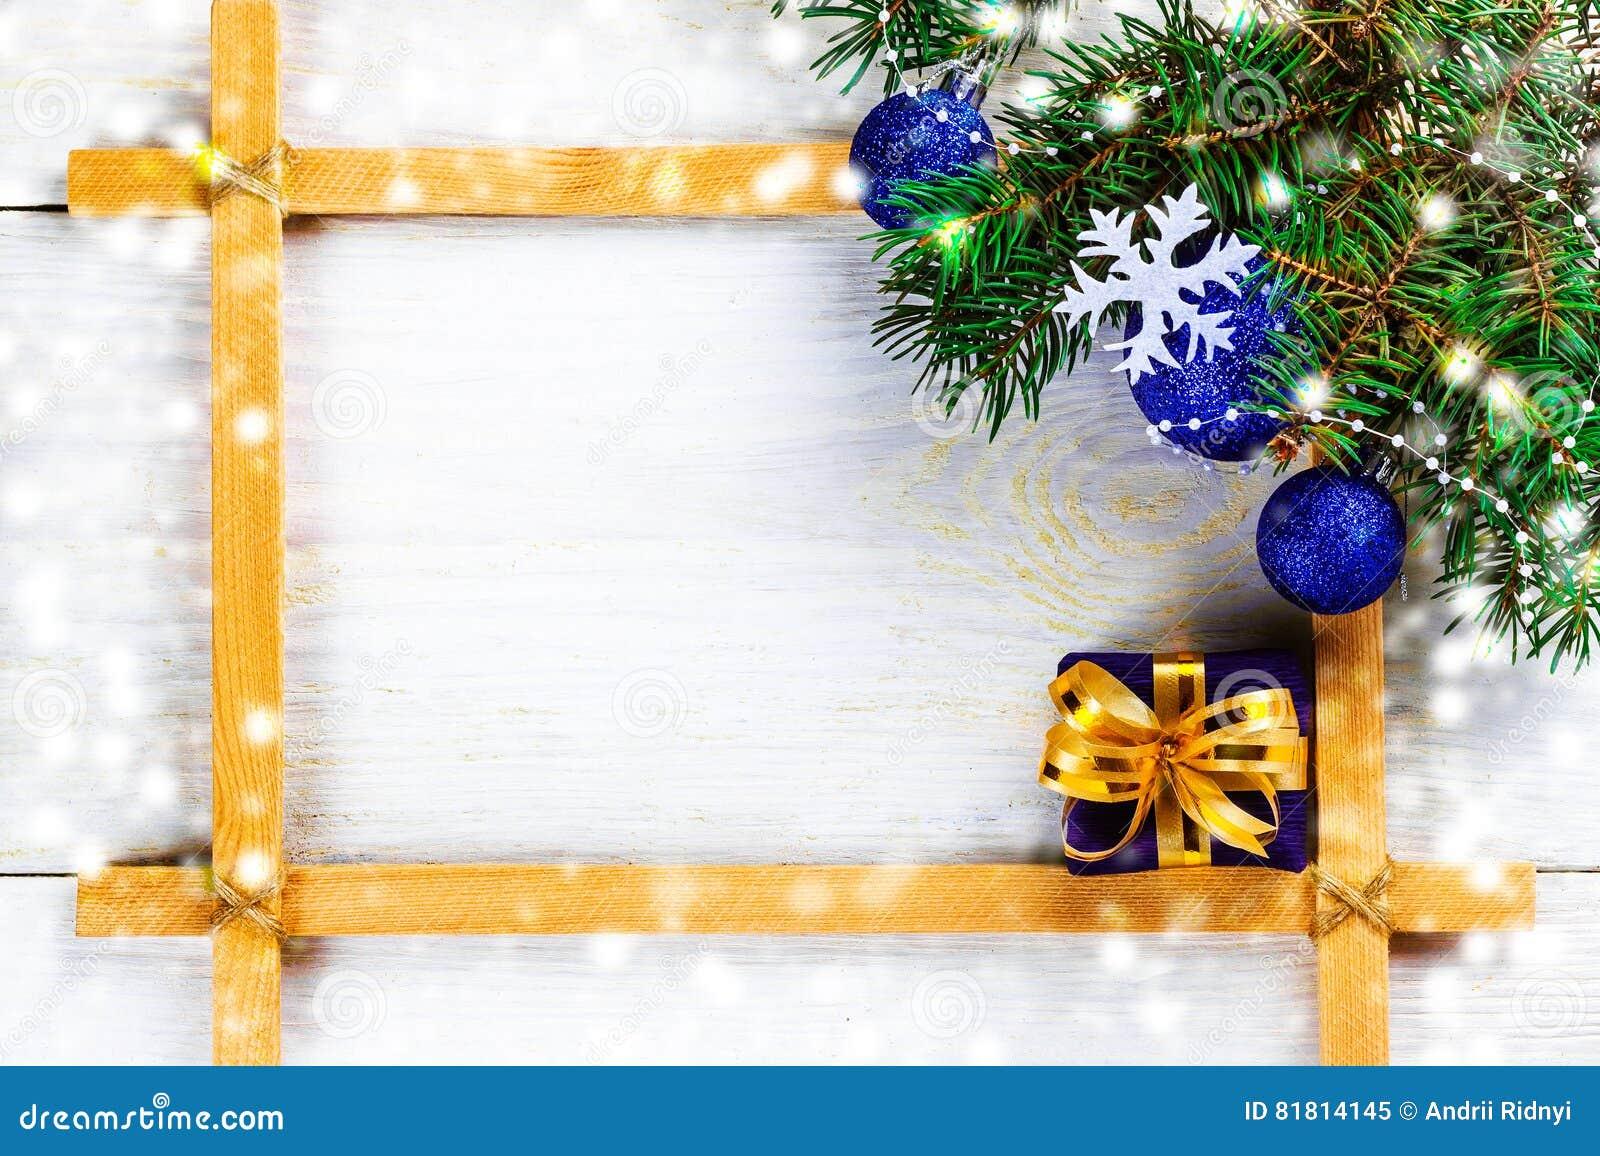 Рождество в рамке